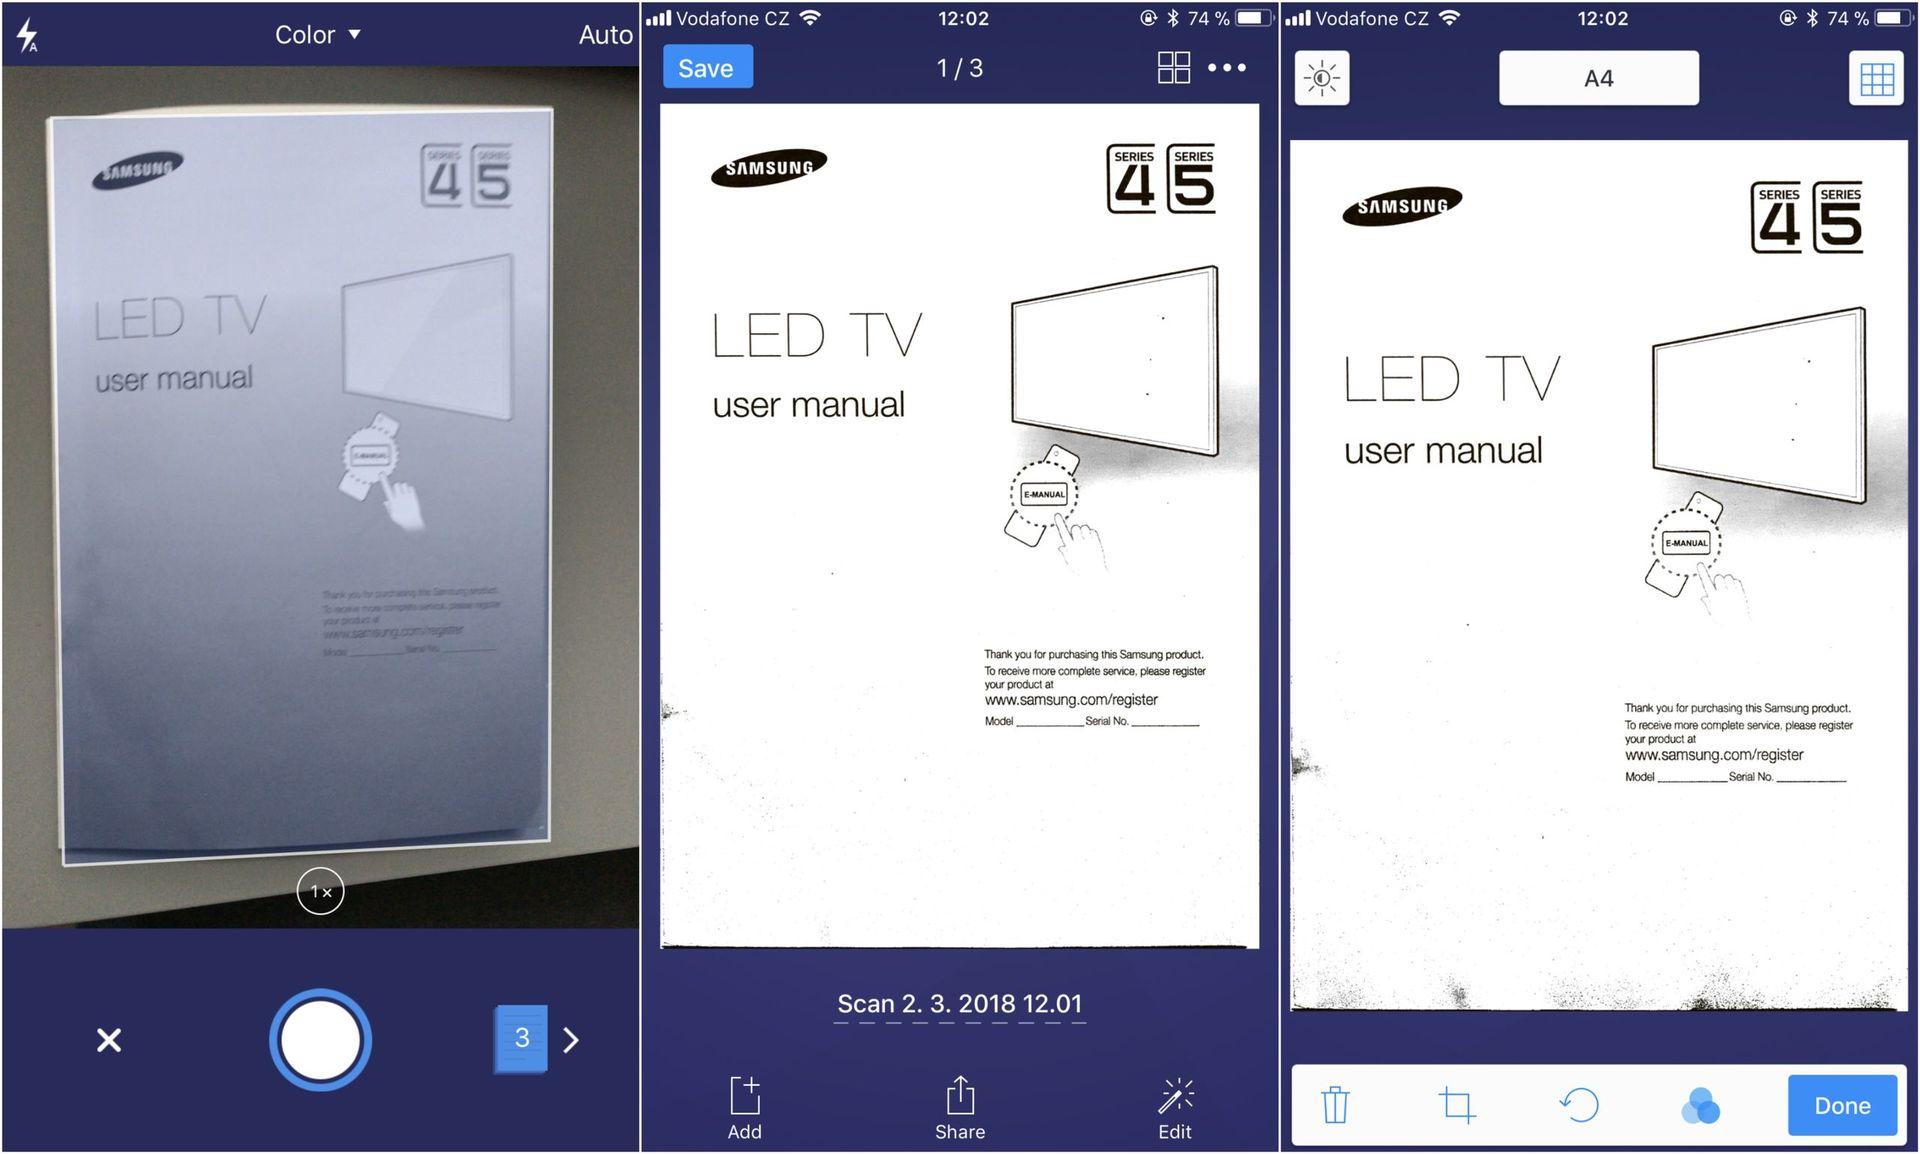 Scanner Pro a jeho uživatelské rozhraní